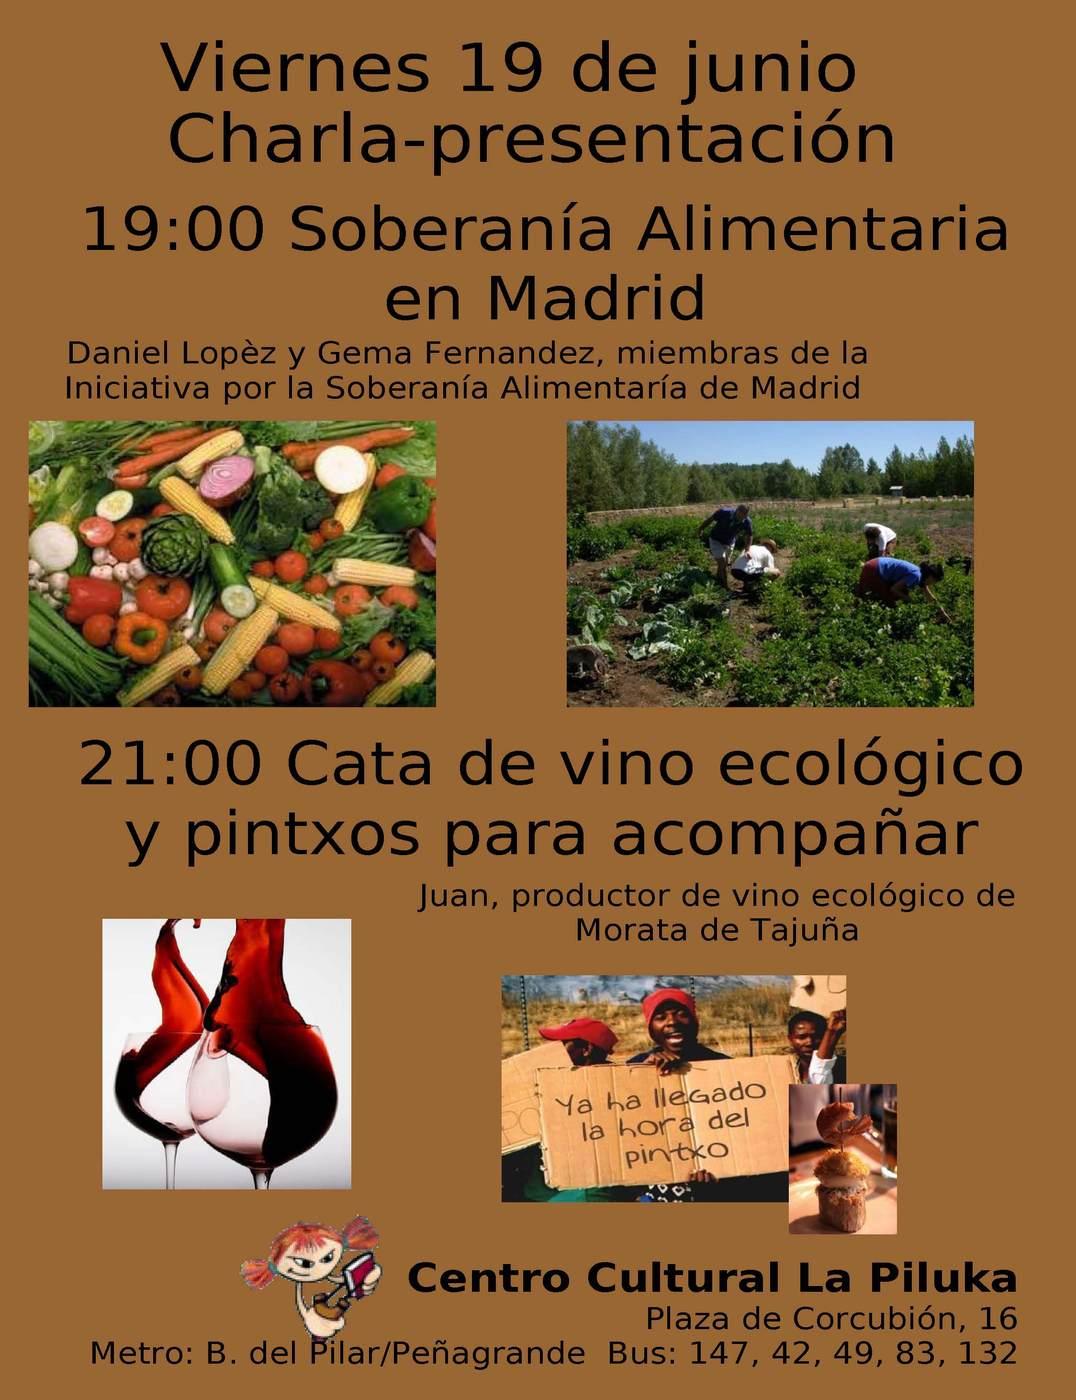 Viernes 19 de junio Charla Presentación ISA Madrid – Iniciativa por la Soberanía Alimentaria en Madrid 19:00 Soberanía Alimentaria en Madrid Daniel Lopèz y Gema Fernandez, miembras de la Iniciativa […]